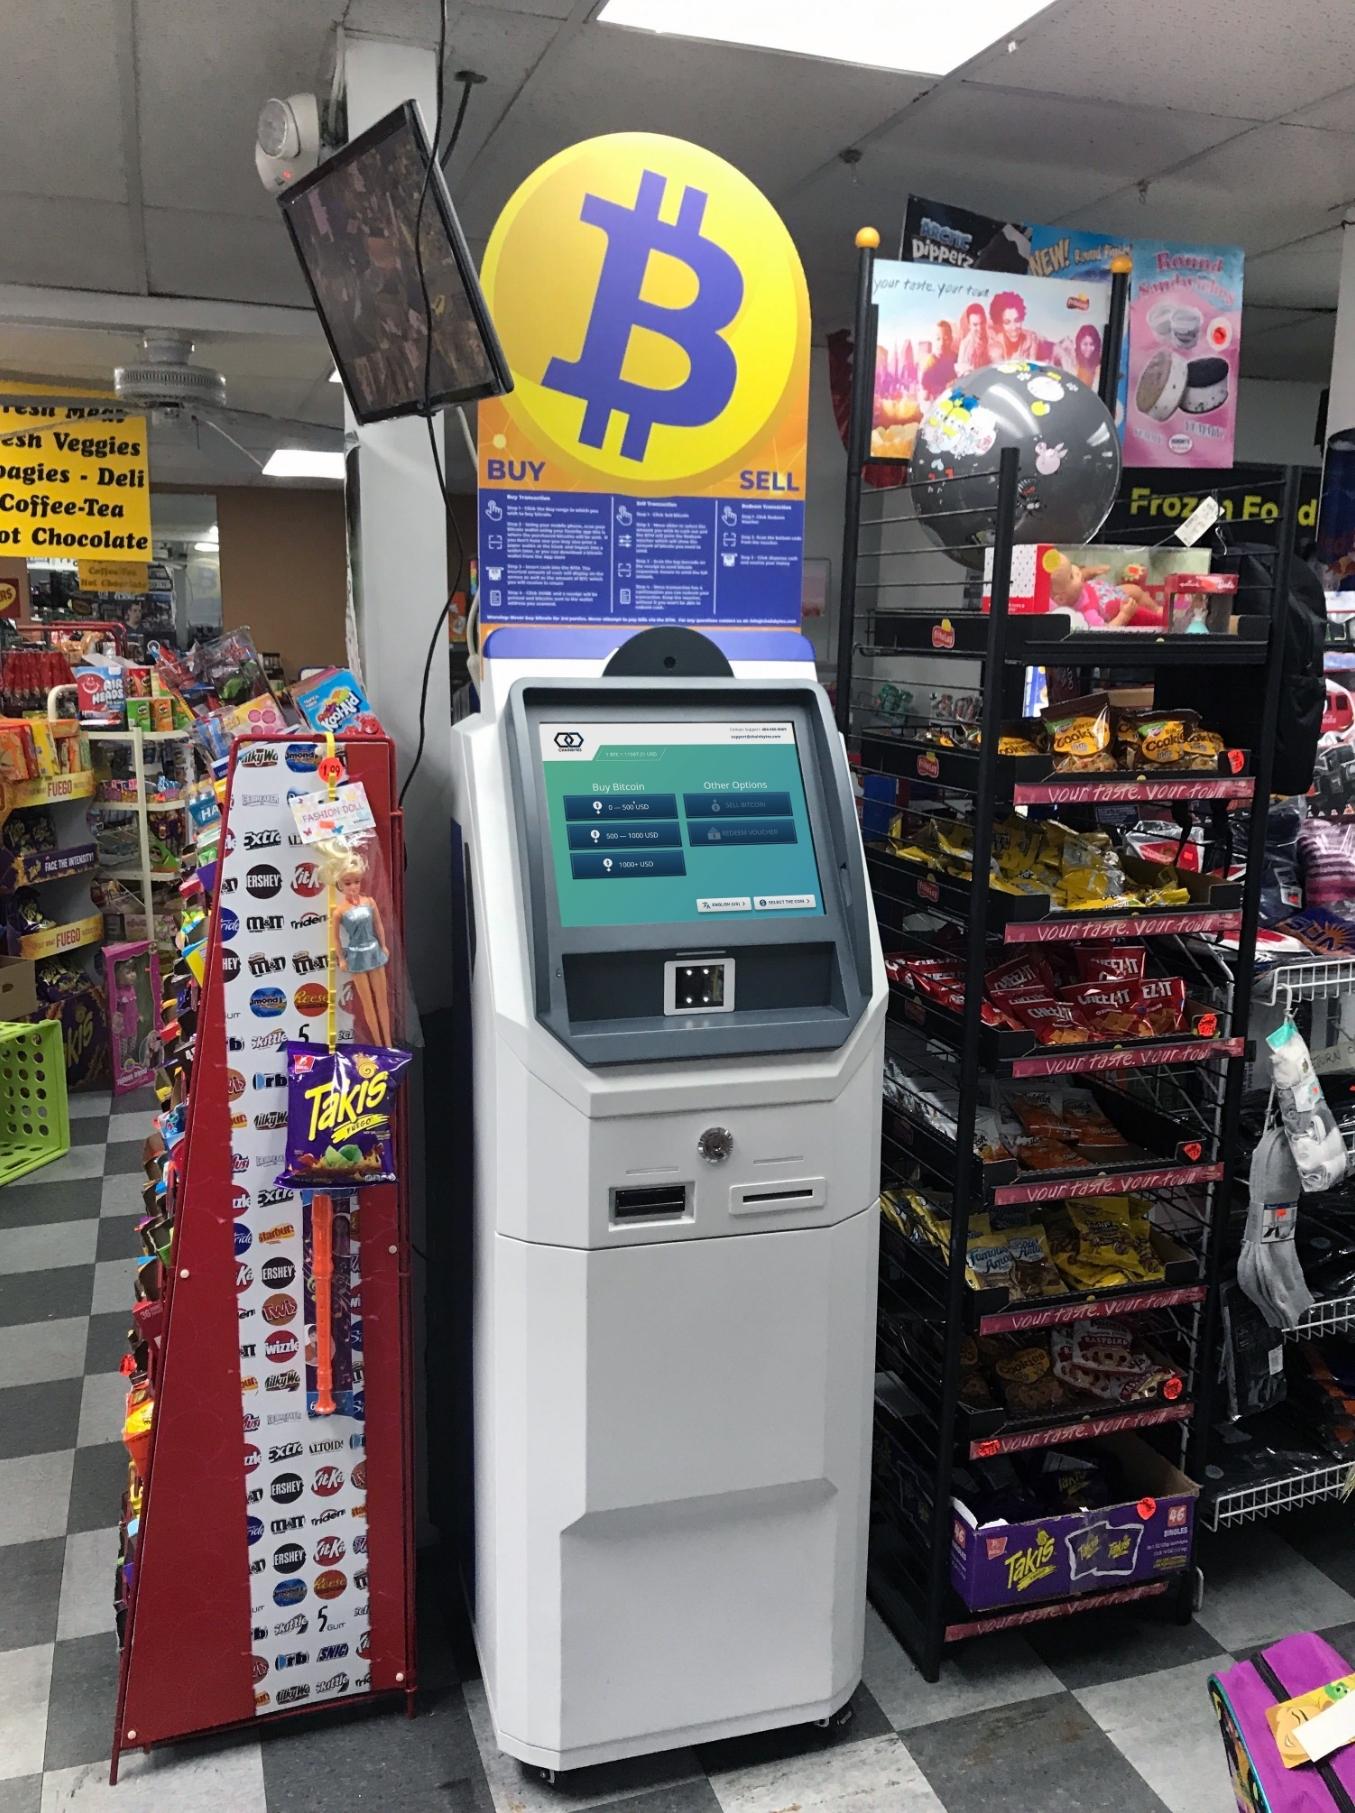 ChainBytes bitcoi ATM buy and sell bitcoin Easton PA btc